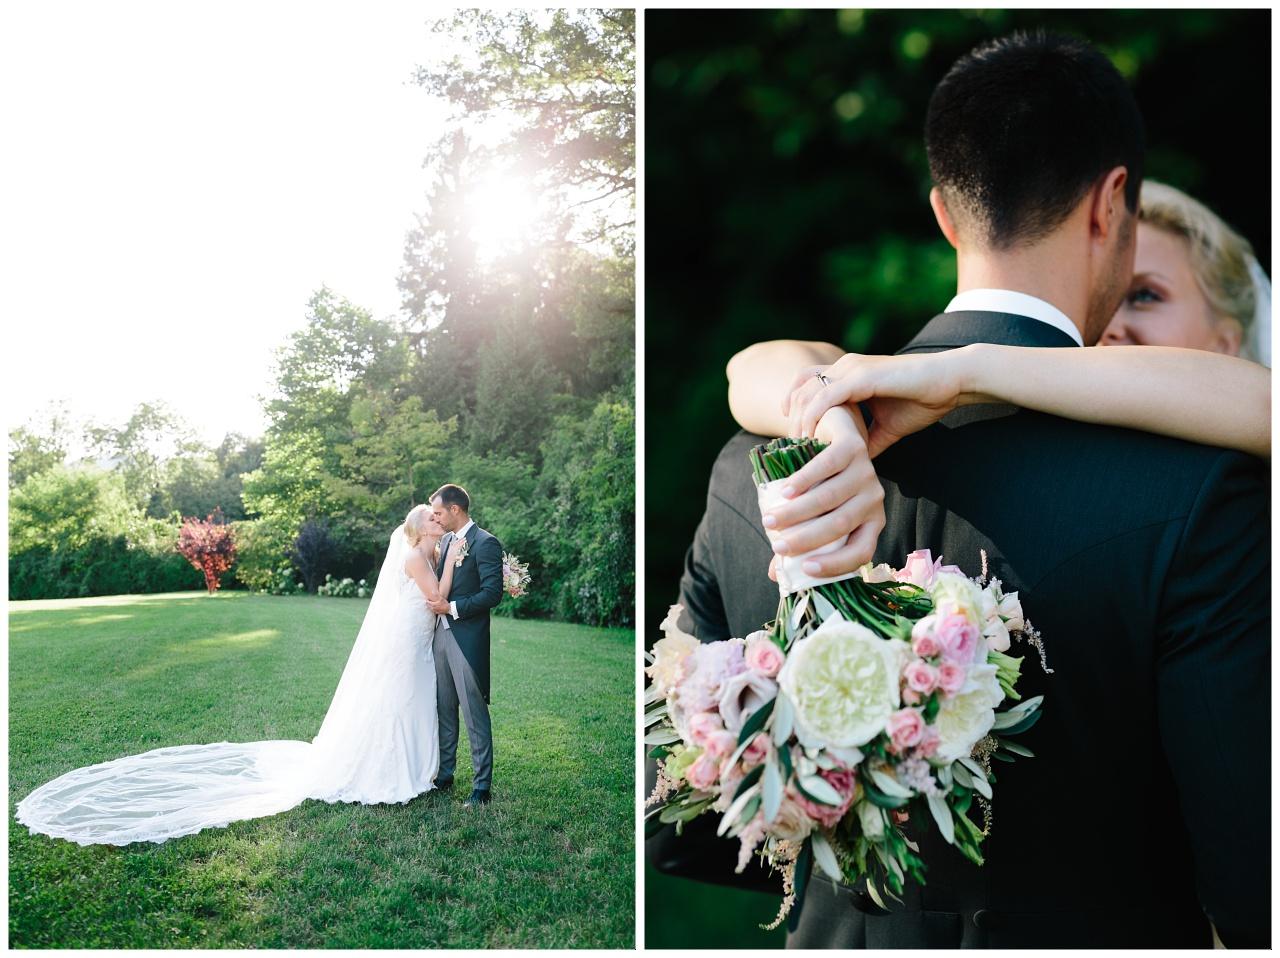 Hochzeitsfotograf Graz Aiola Birgit und Marco 18